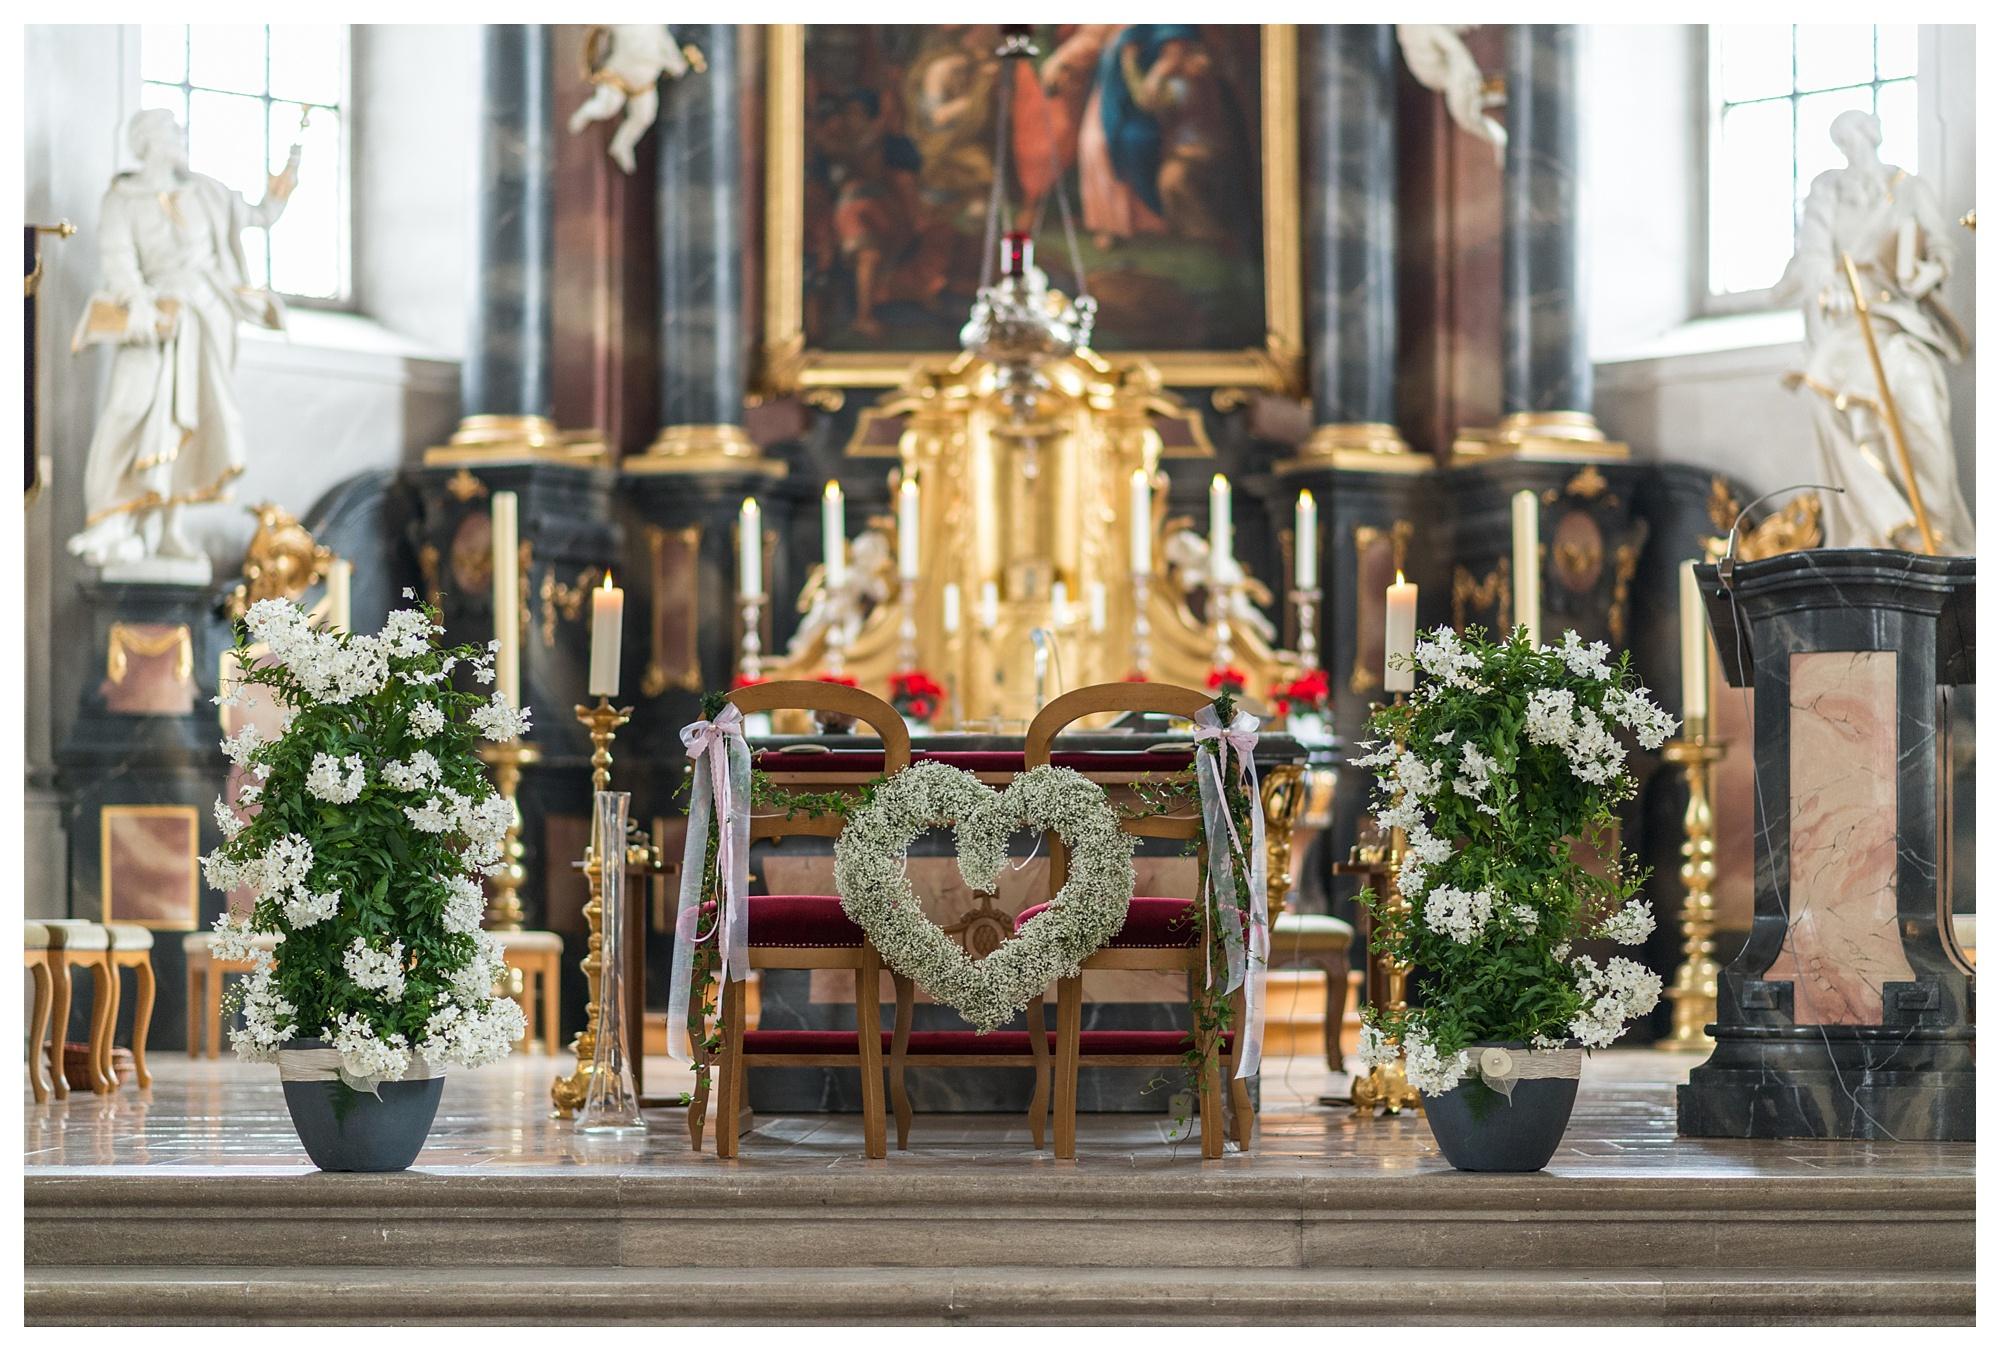 Fotograf Konstanz - Hochzeit Tanja Elmar Elmar Feuerbacher Photography Konstanz Messkirch Highlights 018 - Hochzeitsreportage von Tanja und Elmar im Schloss Meßkirch  - 122 -